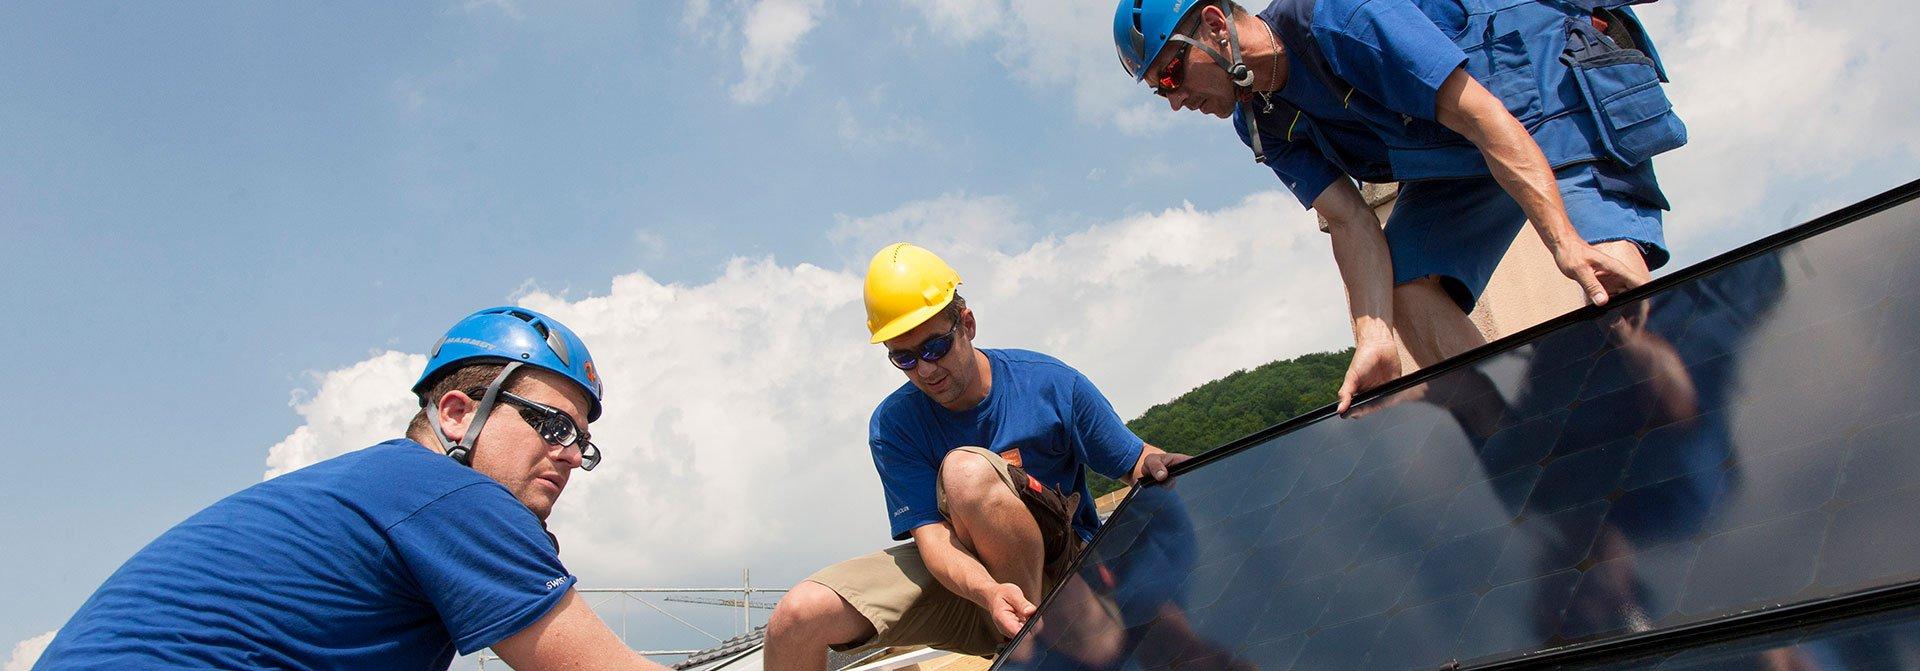 Solarinstallateure installieren eine PV-Anlage